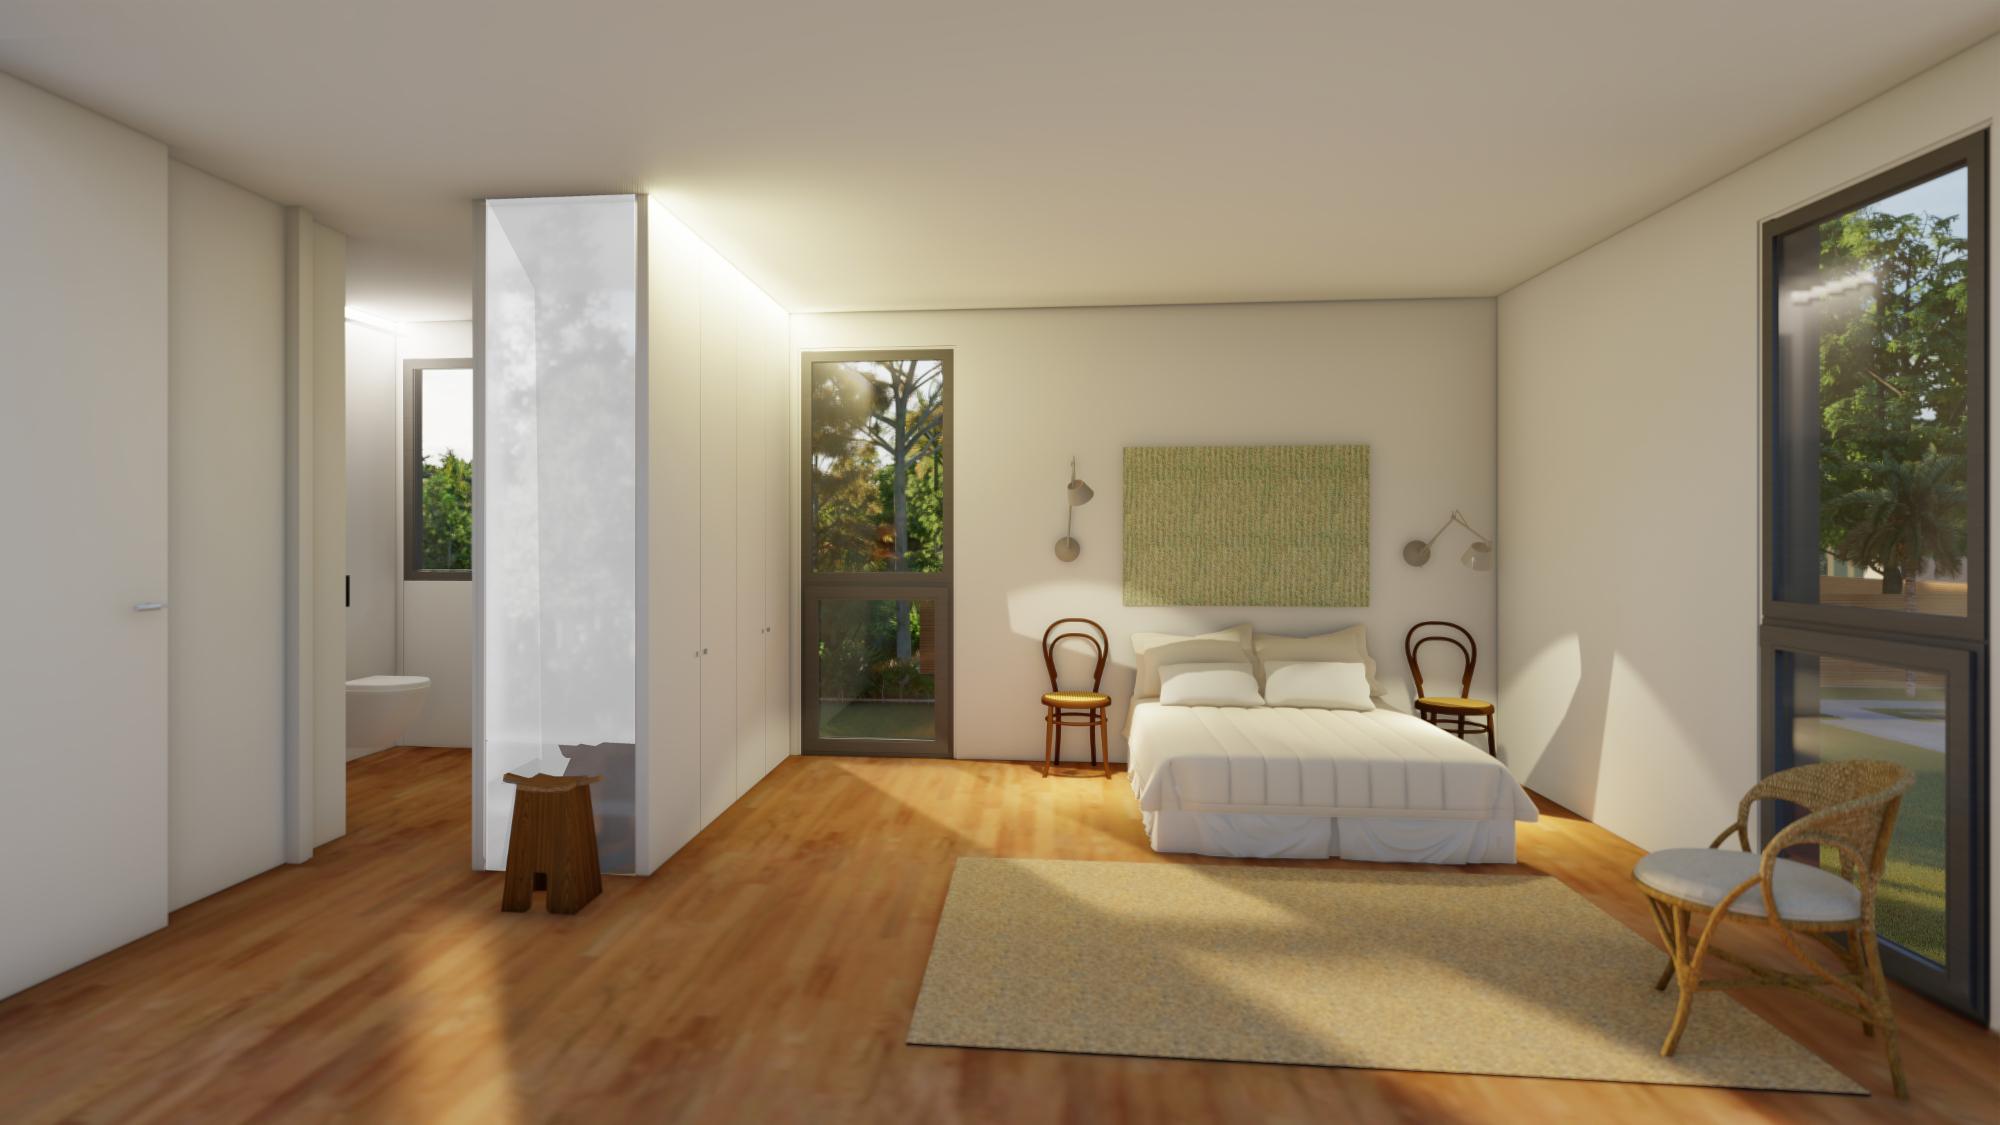 Dormitorio principal con baño en la planta primera de la vivienda. Vivendes Baldomer Gili Roig, Lleida